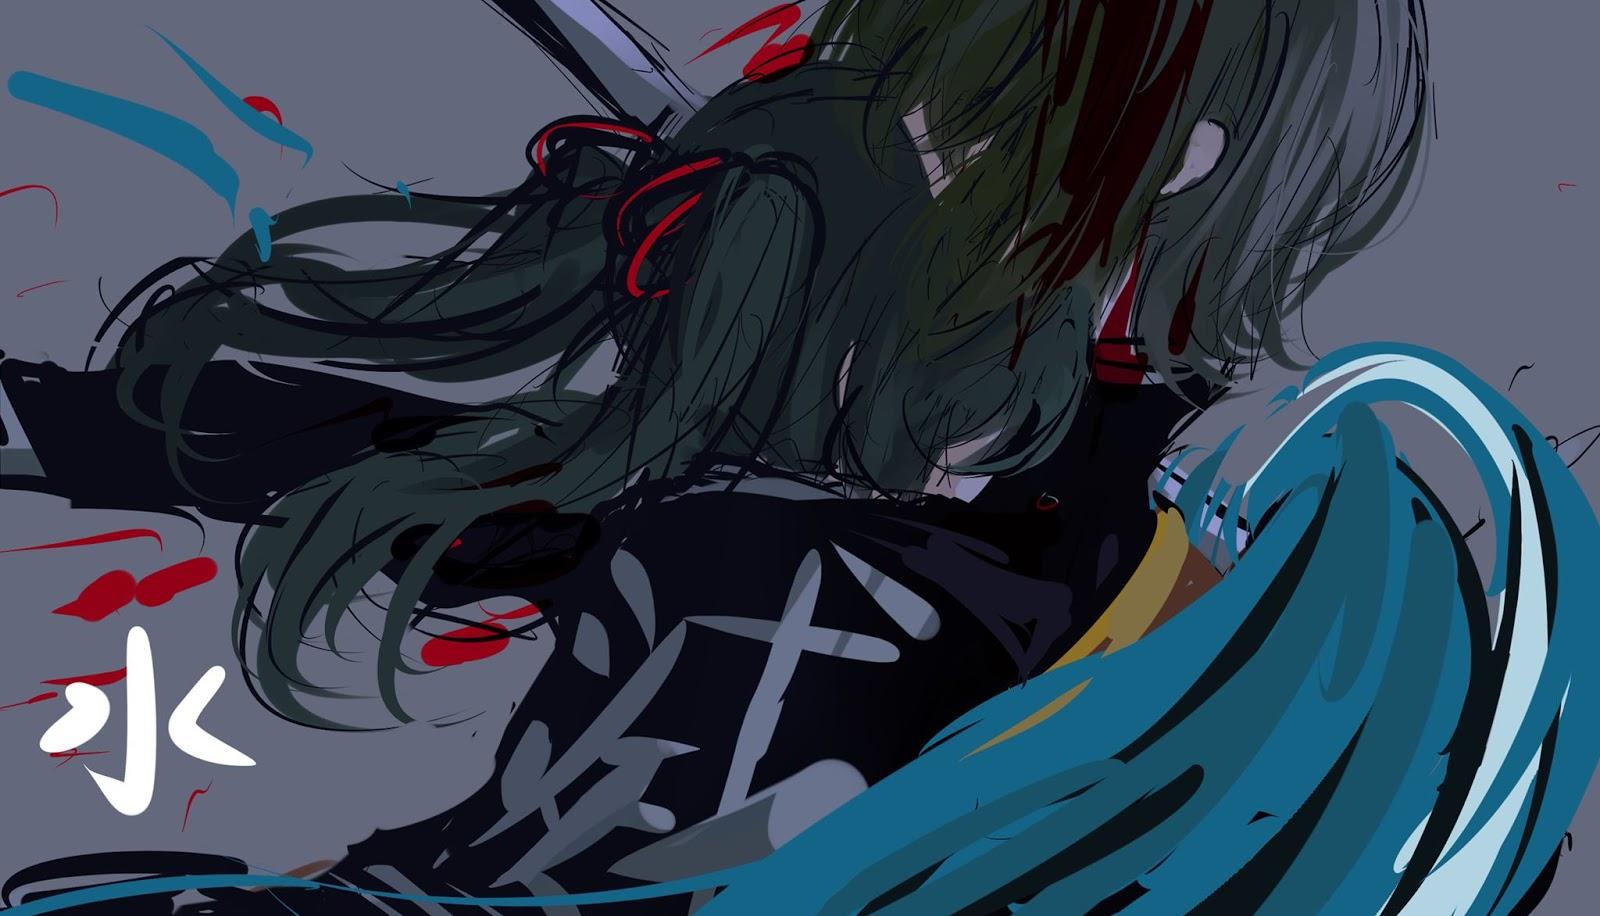 Wind - Fan Art by 李嘉玲 - Blogfanart